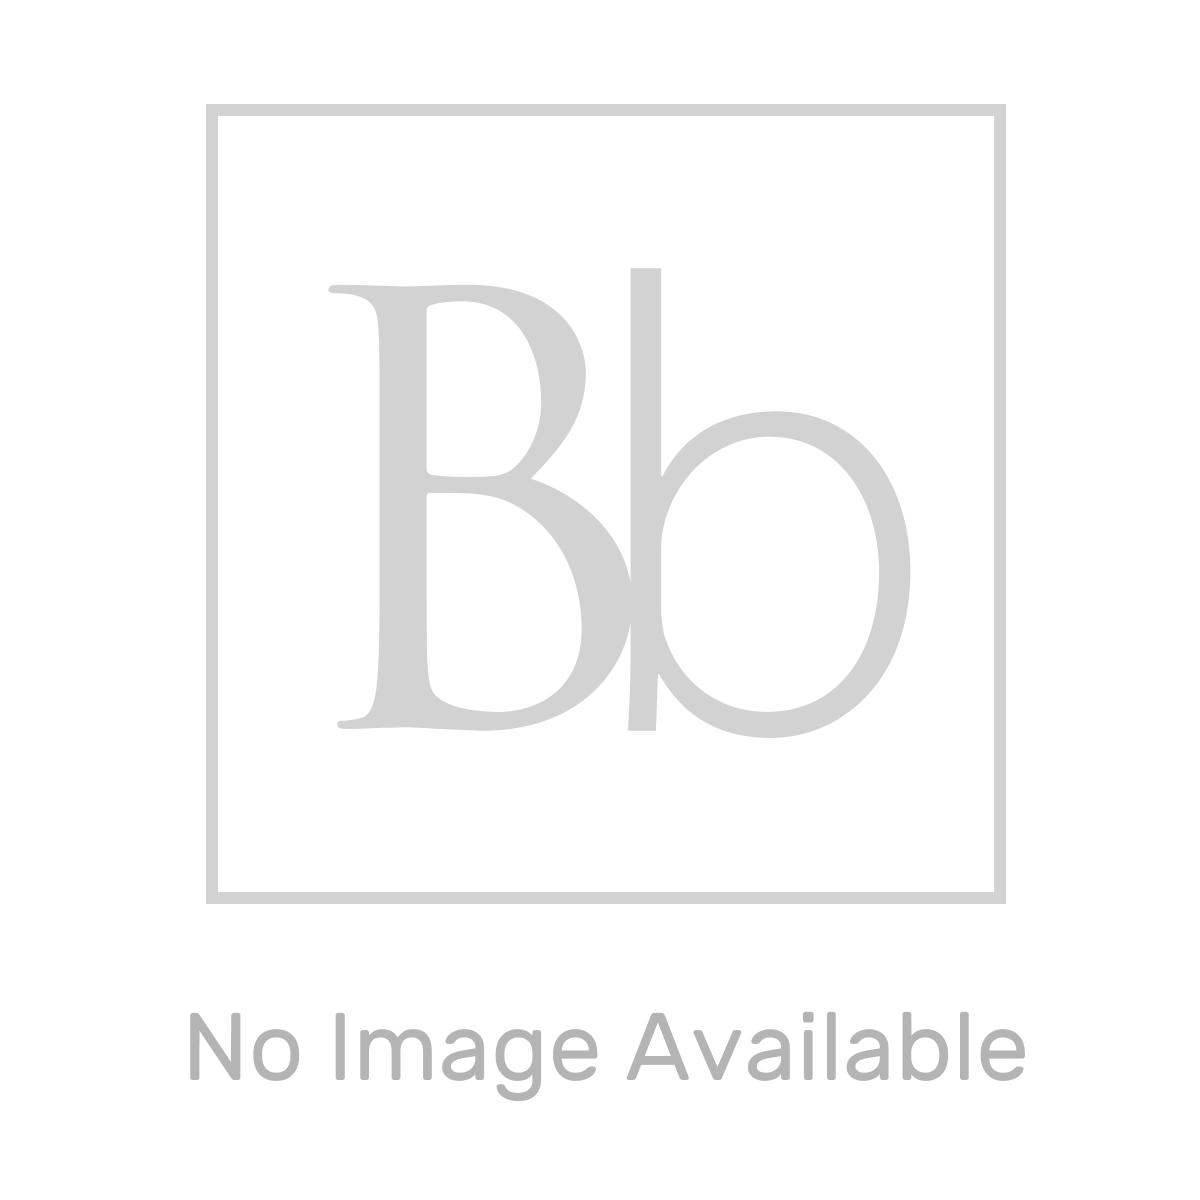 HiB Triumph 50 Heated Bathroom Mirror